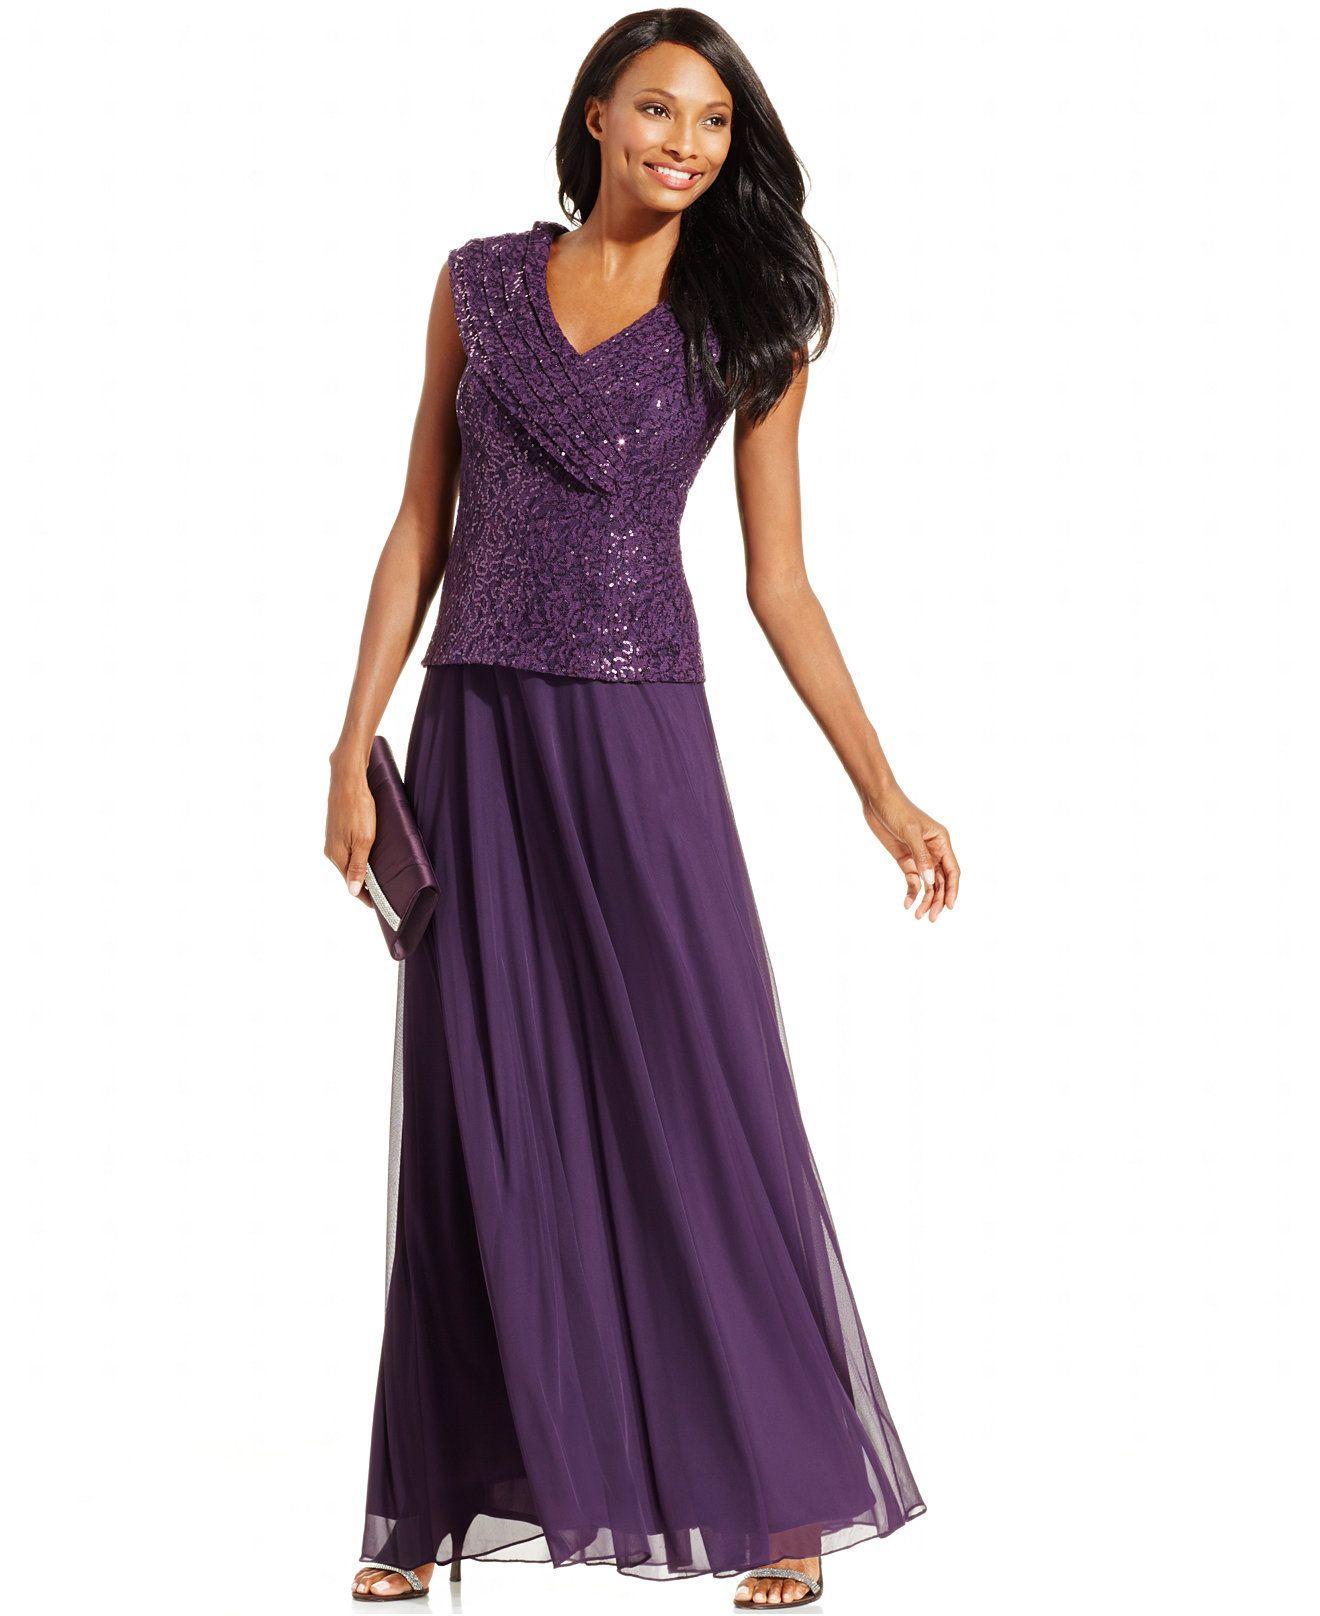 Patra Women/'s Sleeveless Sequin Lace Popover V-Neck Chiffon Dress